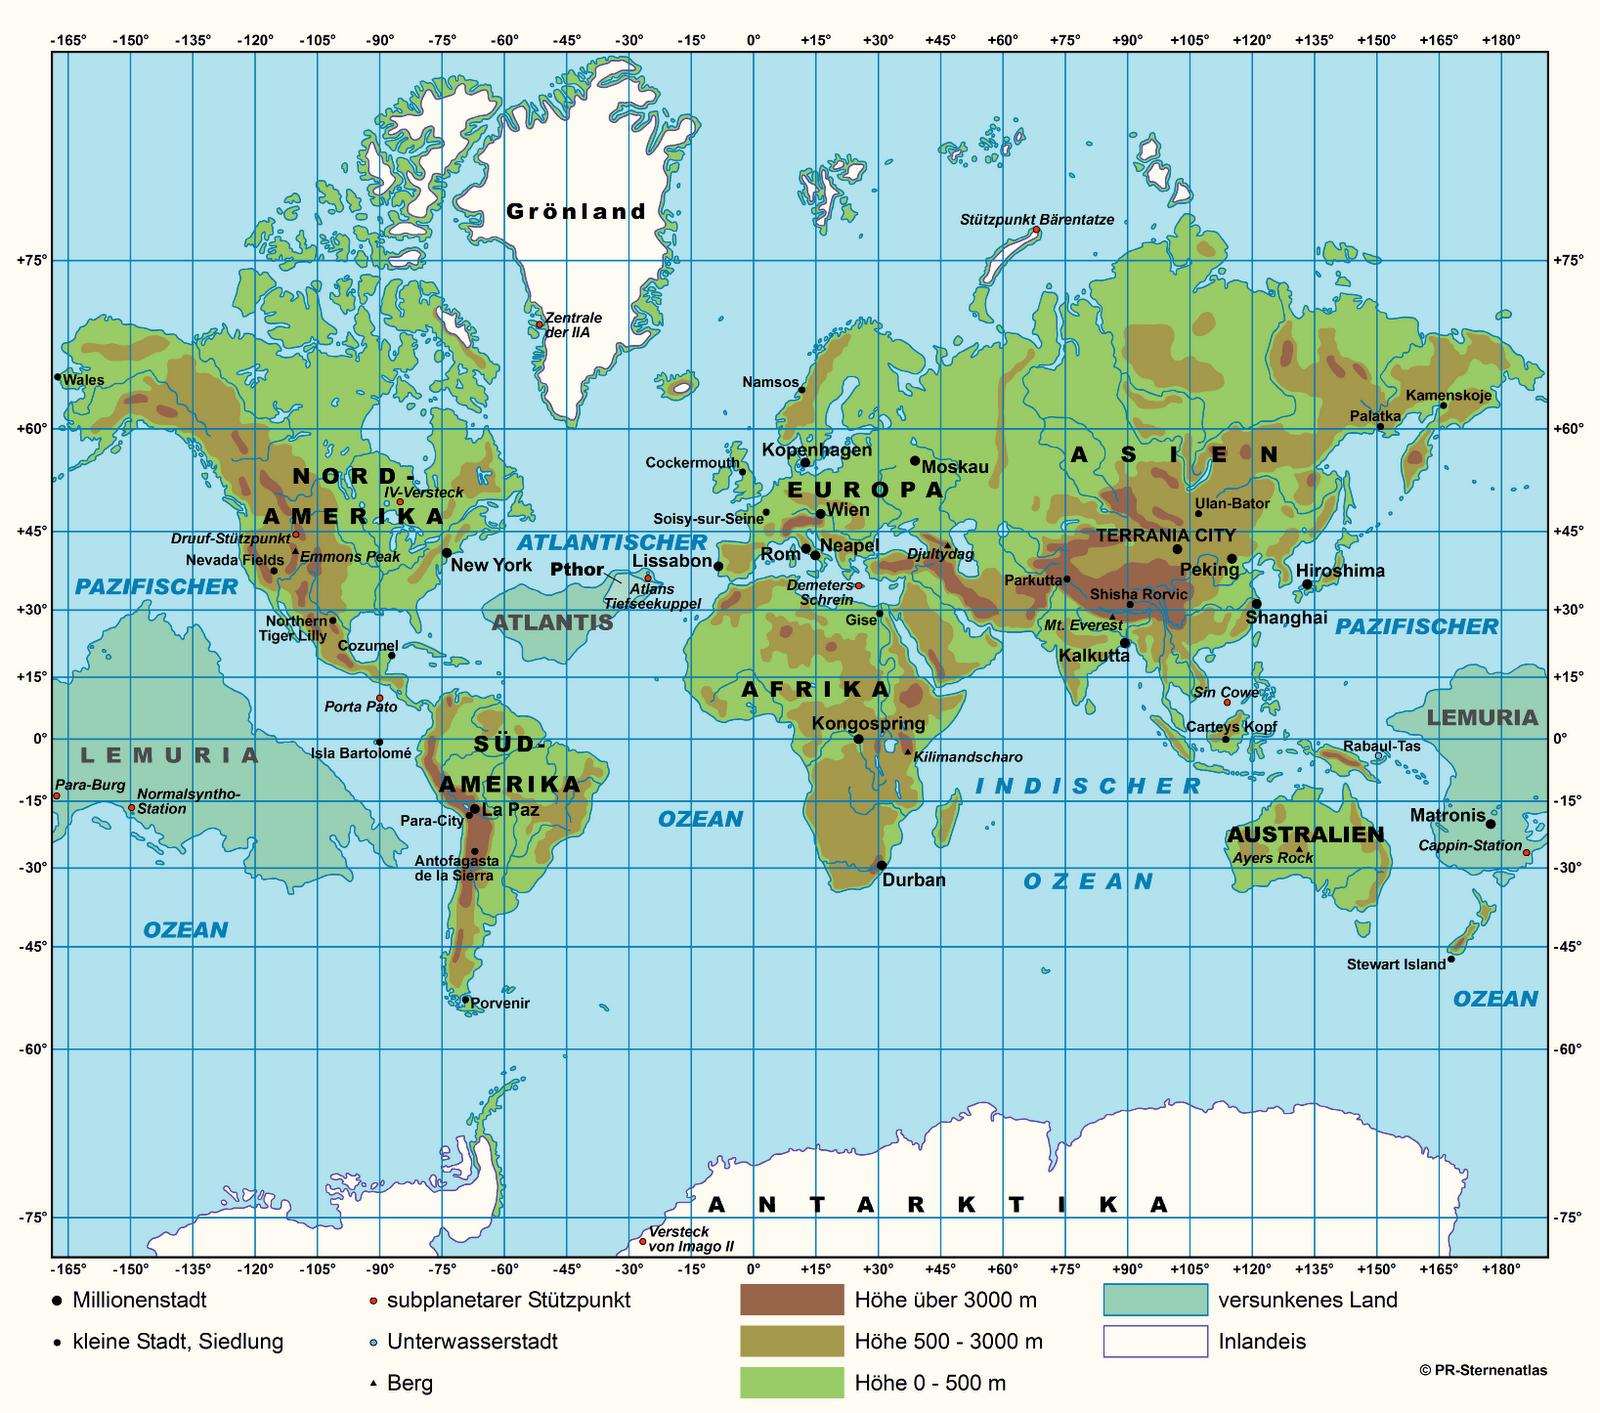 Лемурия - исчезнувшая цивилизация